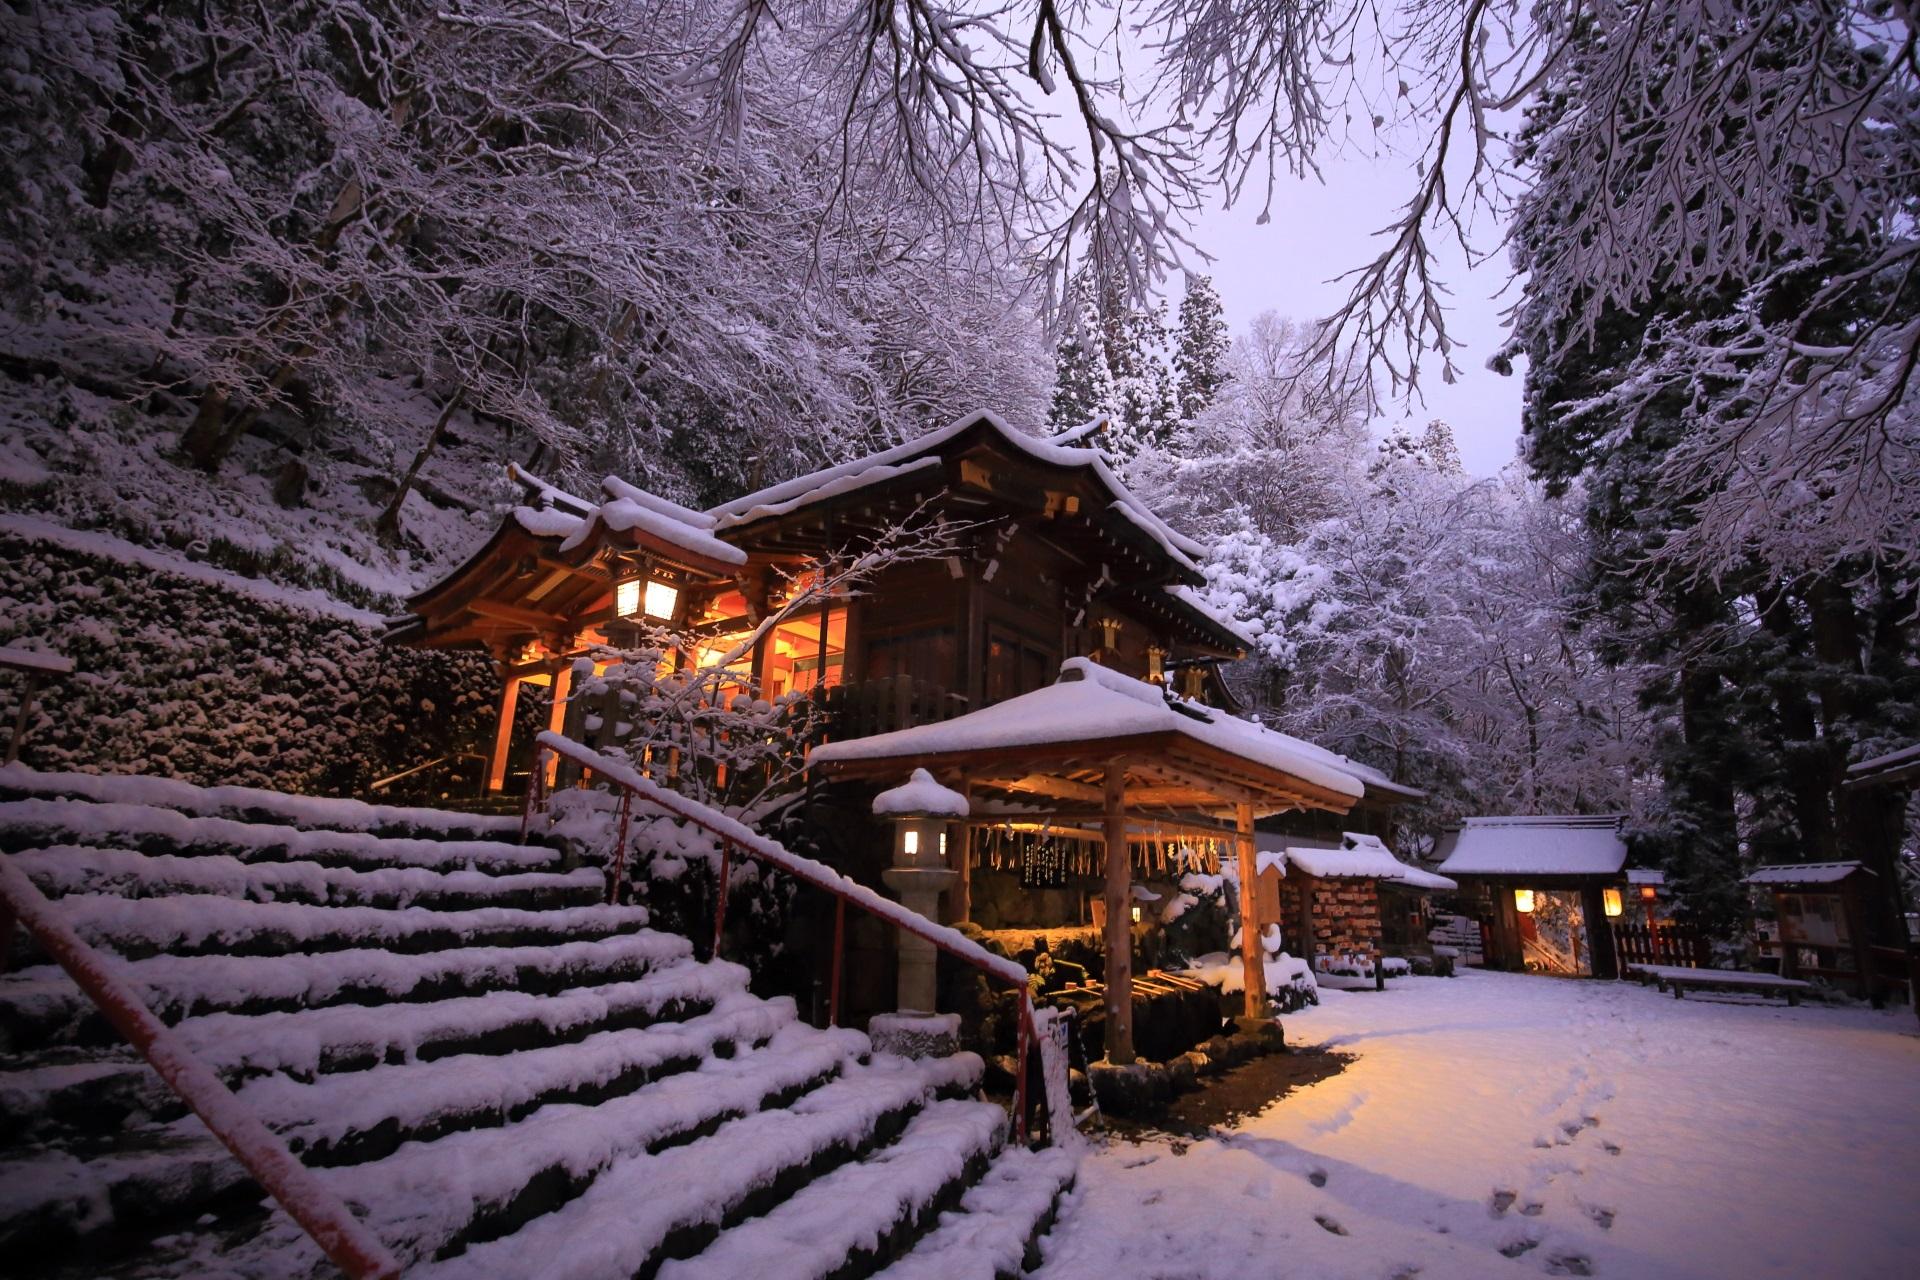 貴船神社の幻想的な雪景色